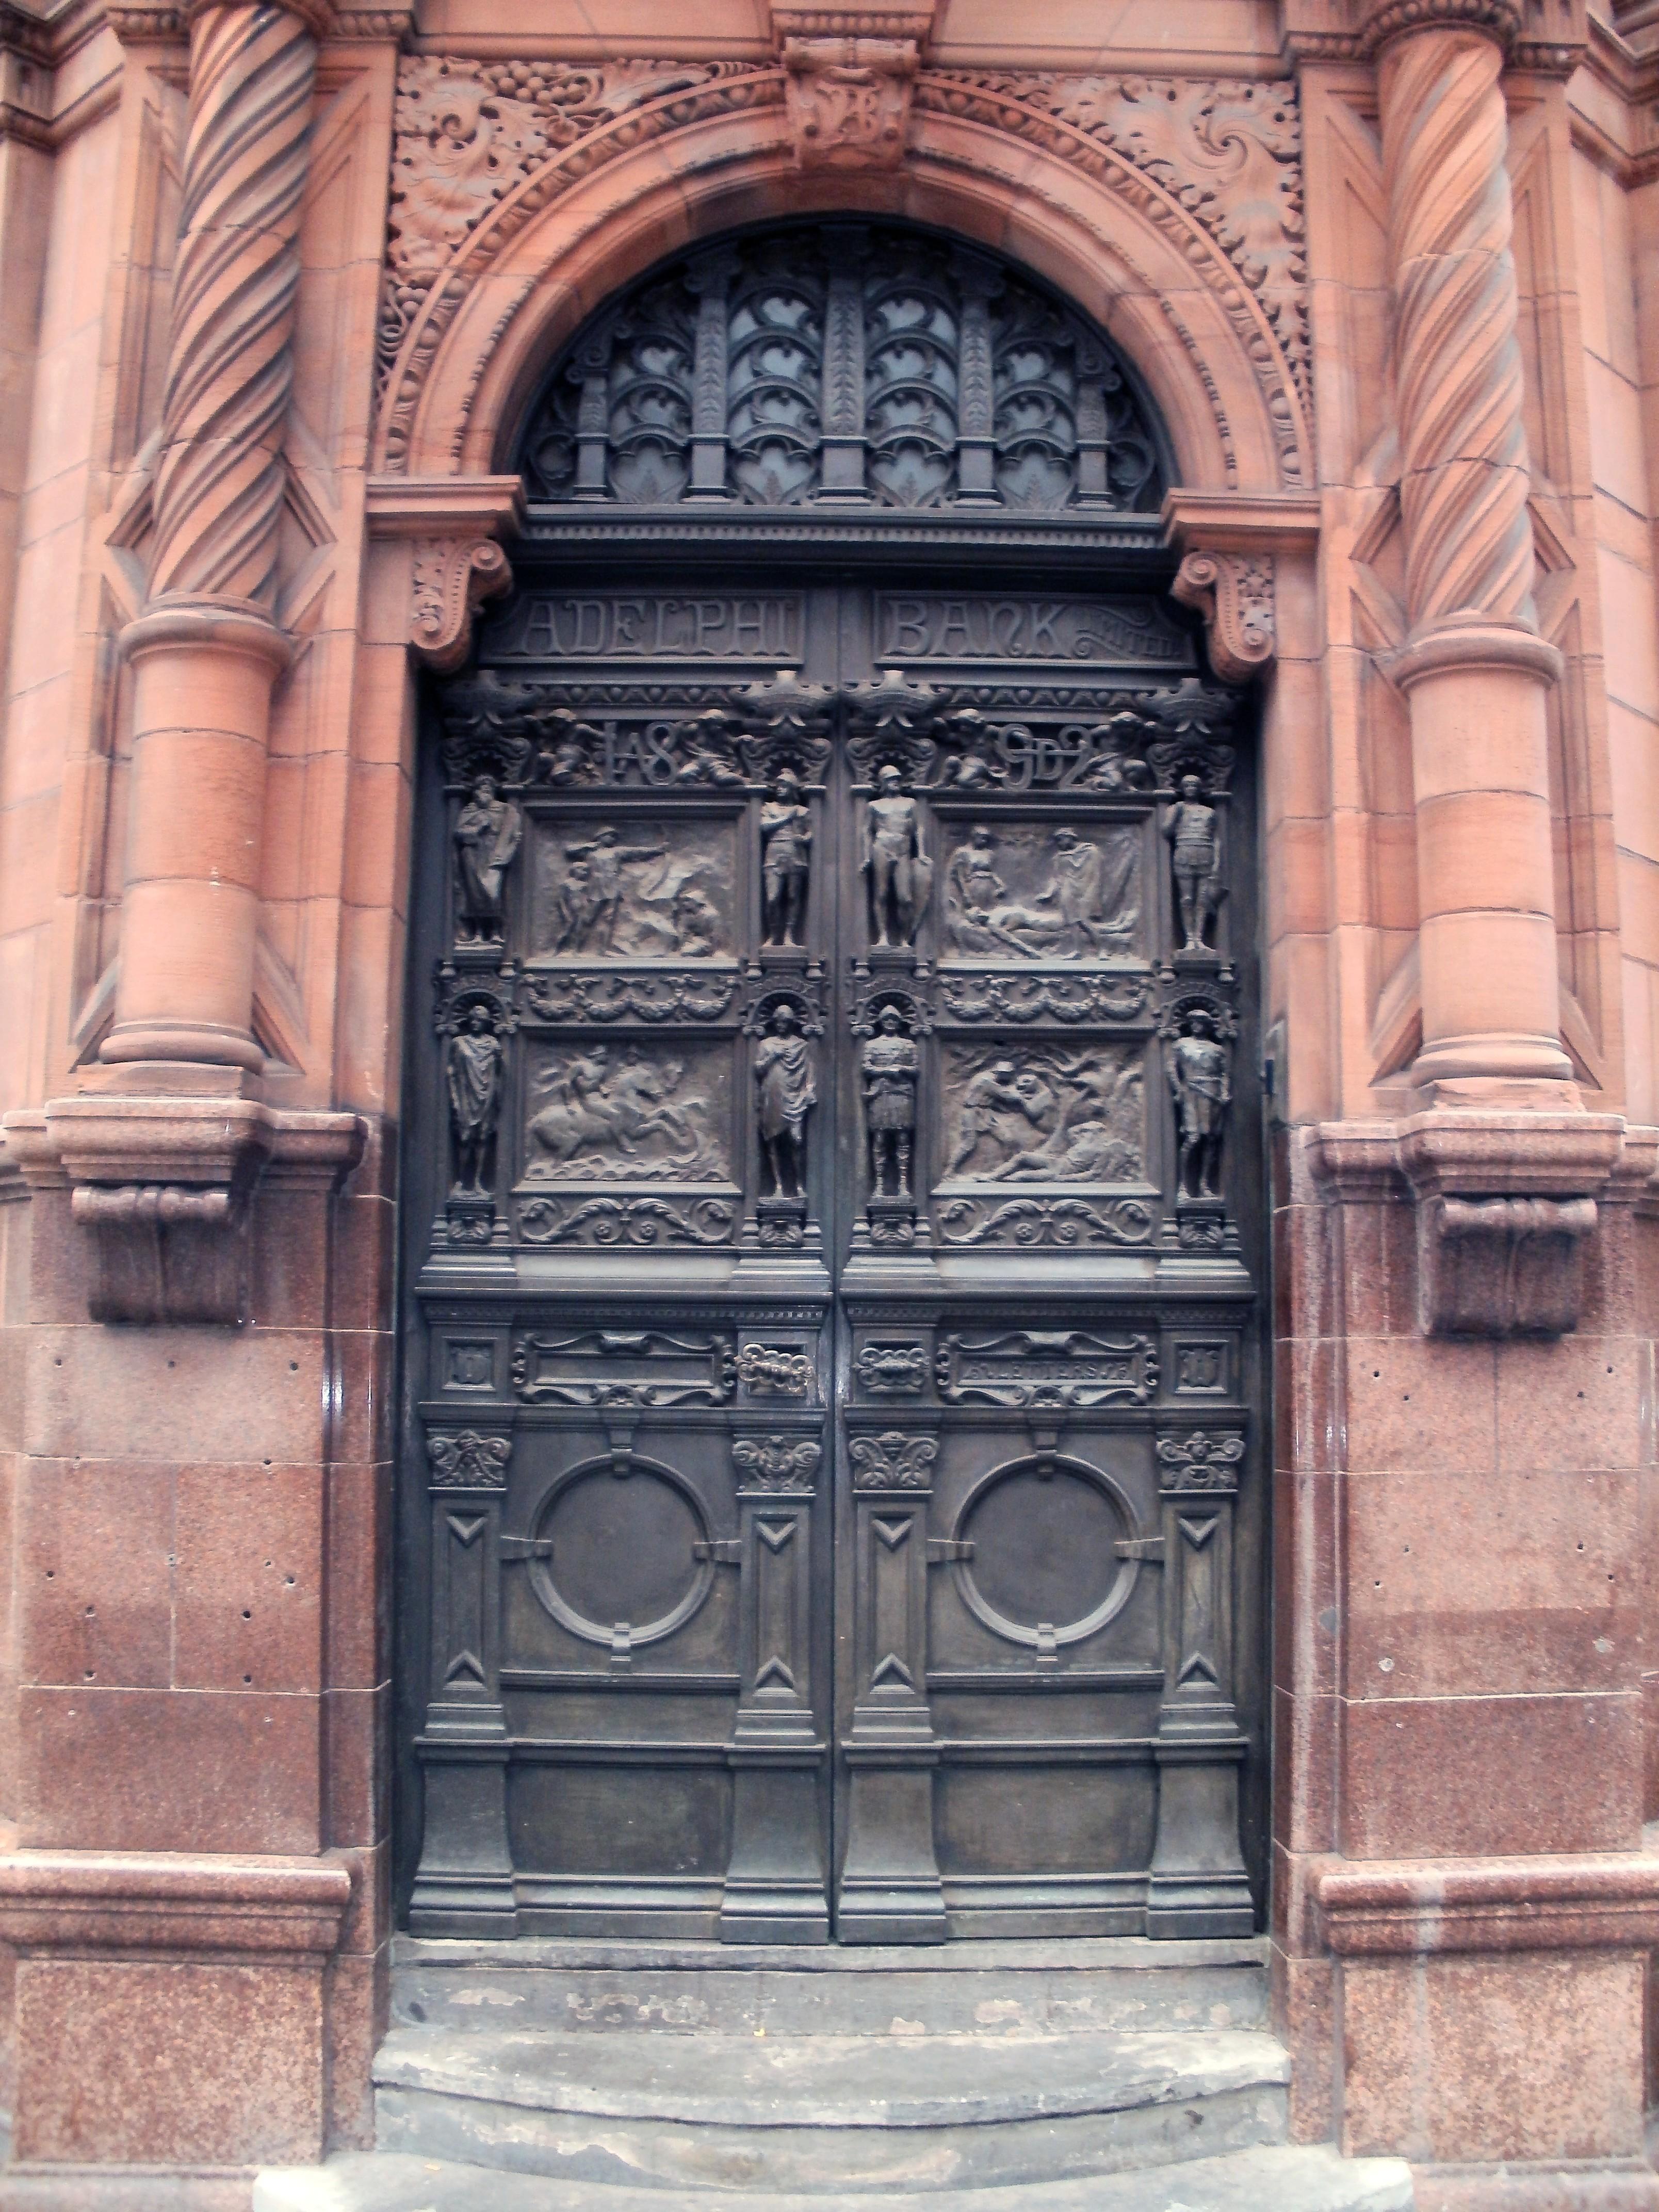 FileAdelphi Bank Door Castle Street Liverpool 22 Aug